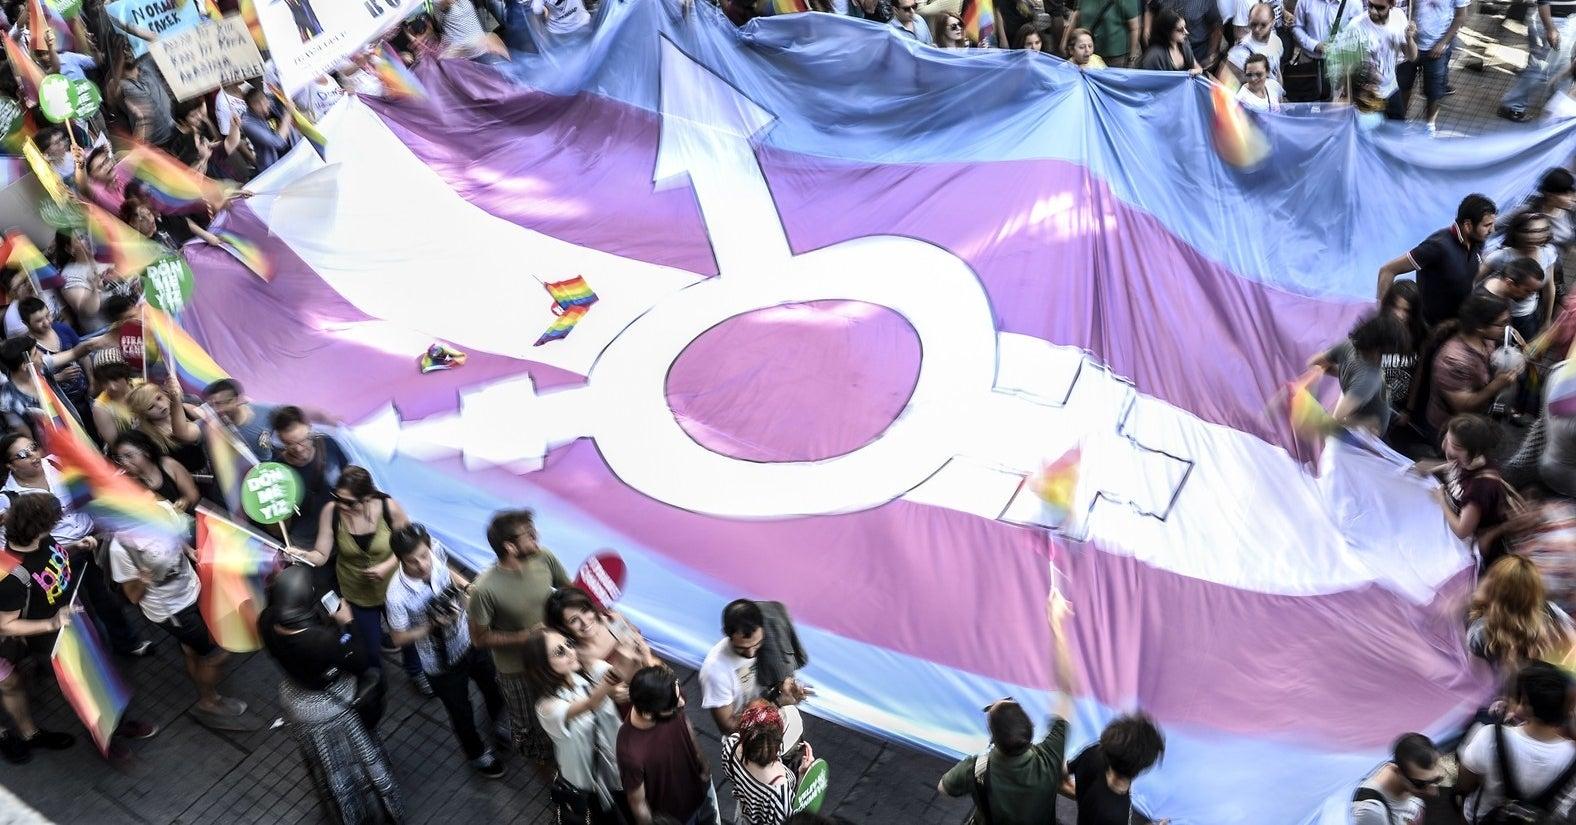 transgender organization